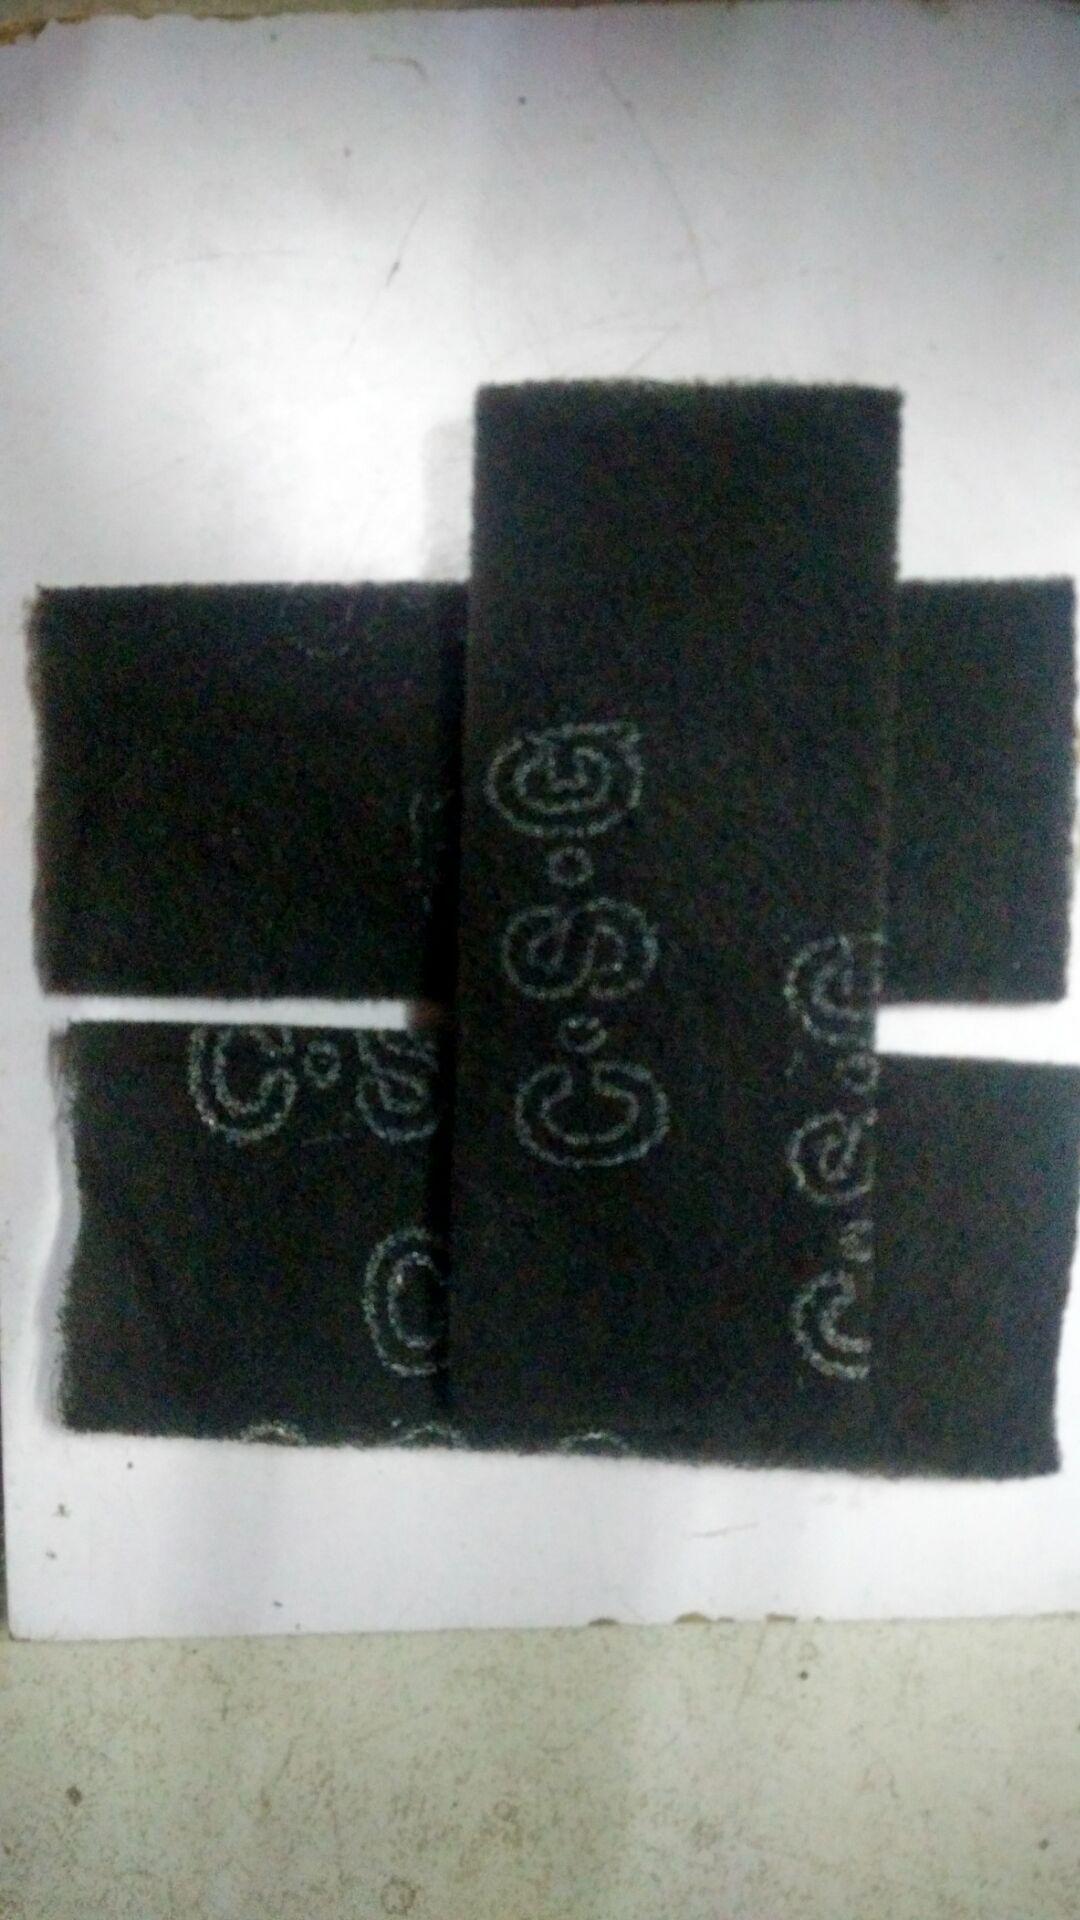 厨房清洁不锈钢拉丝百洁布,也可用于家庭清洗,清除油渍320#